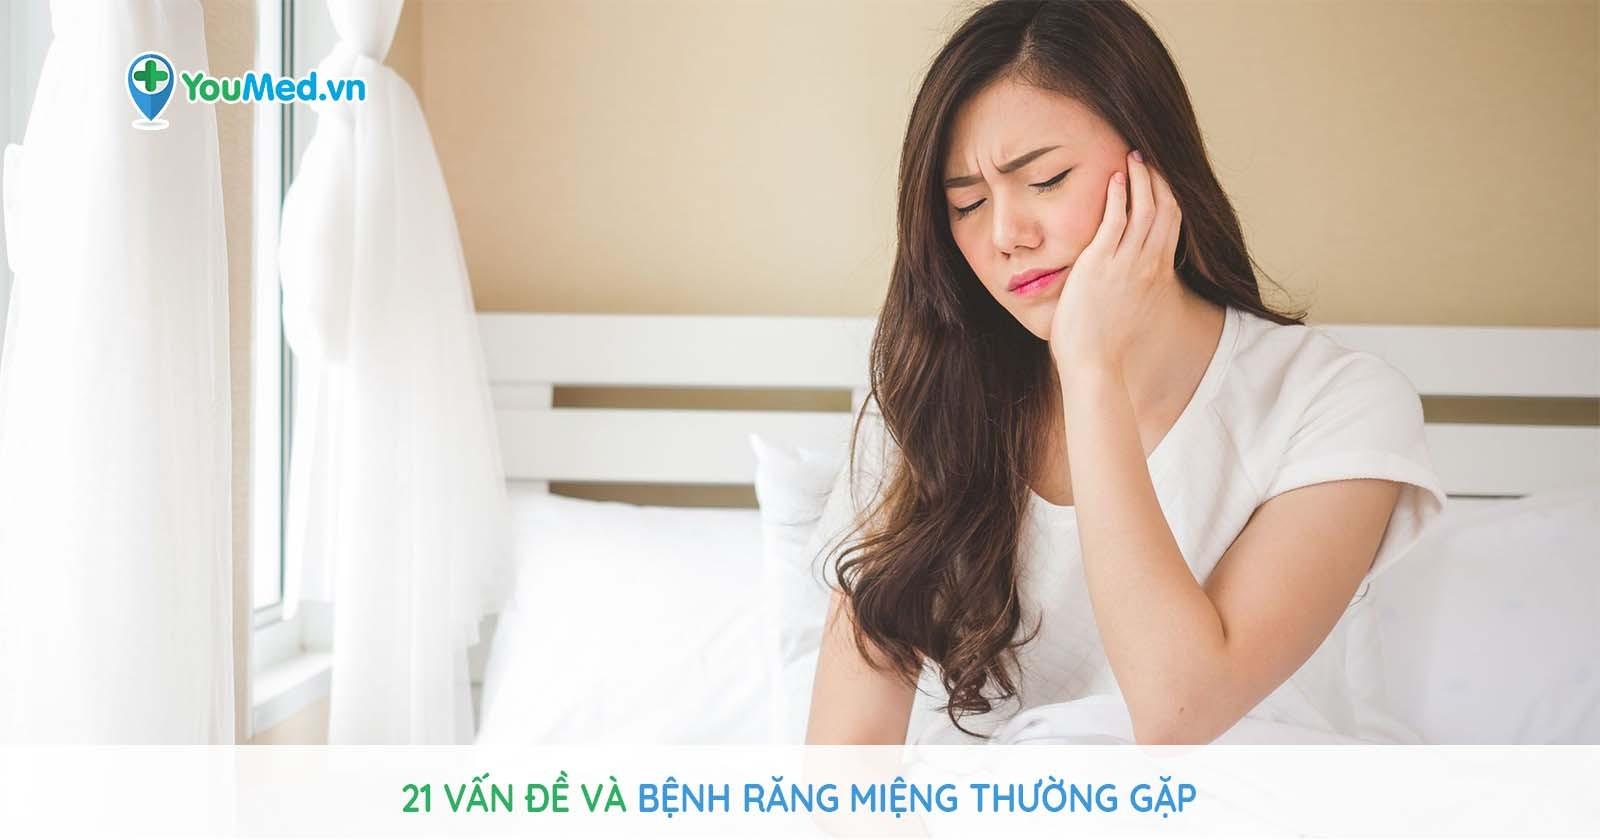 21 vấn đề về bệnh răng miệng thường gặp